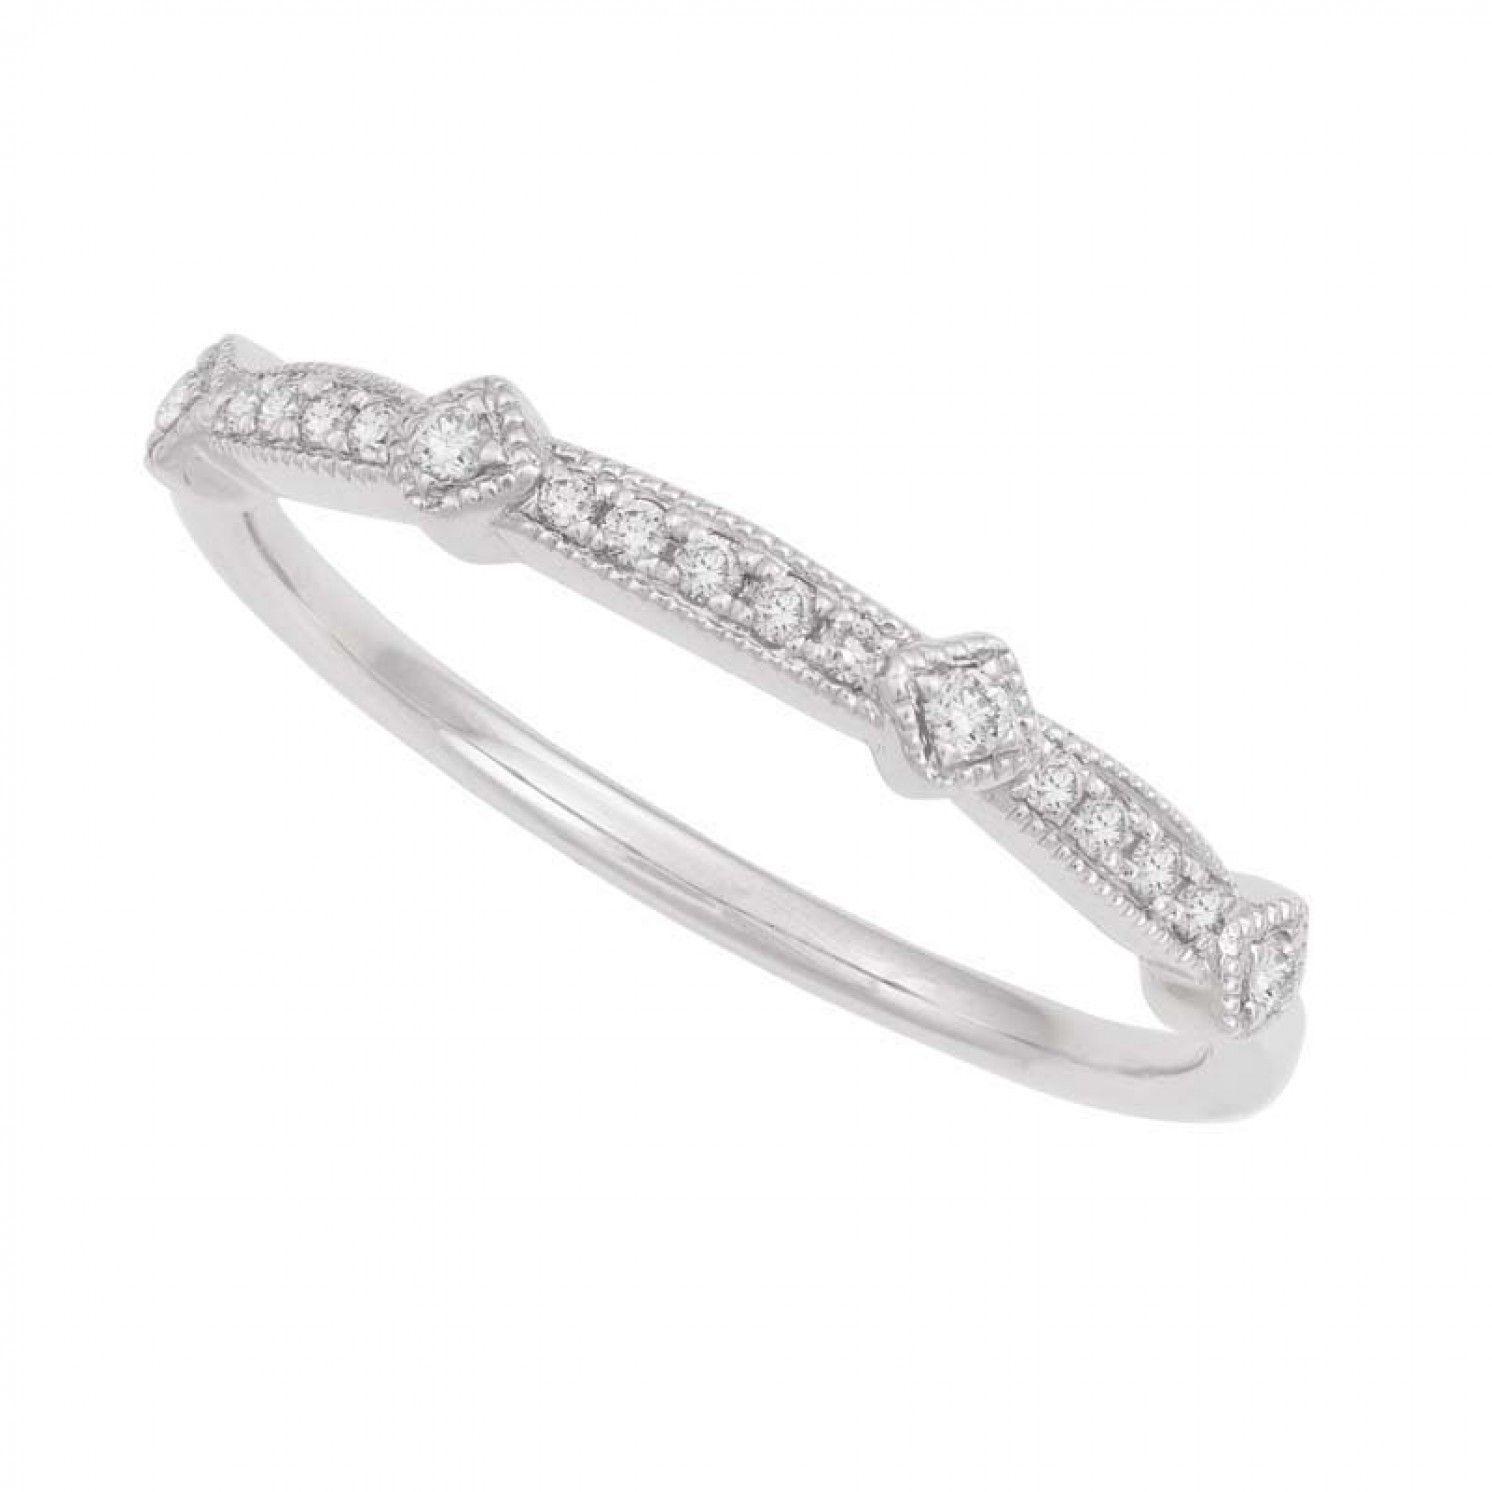 Ct white gold vintage style wedding ring wedding finishing